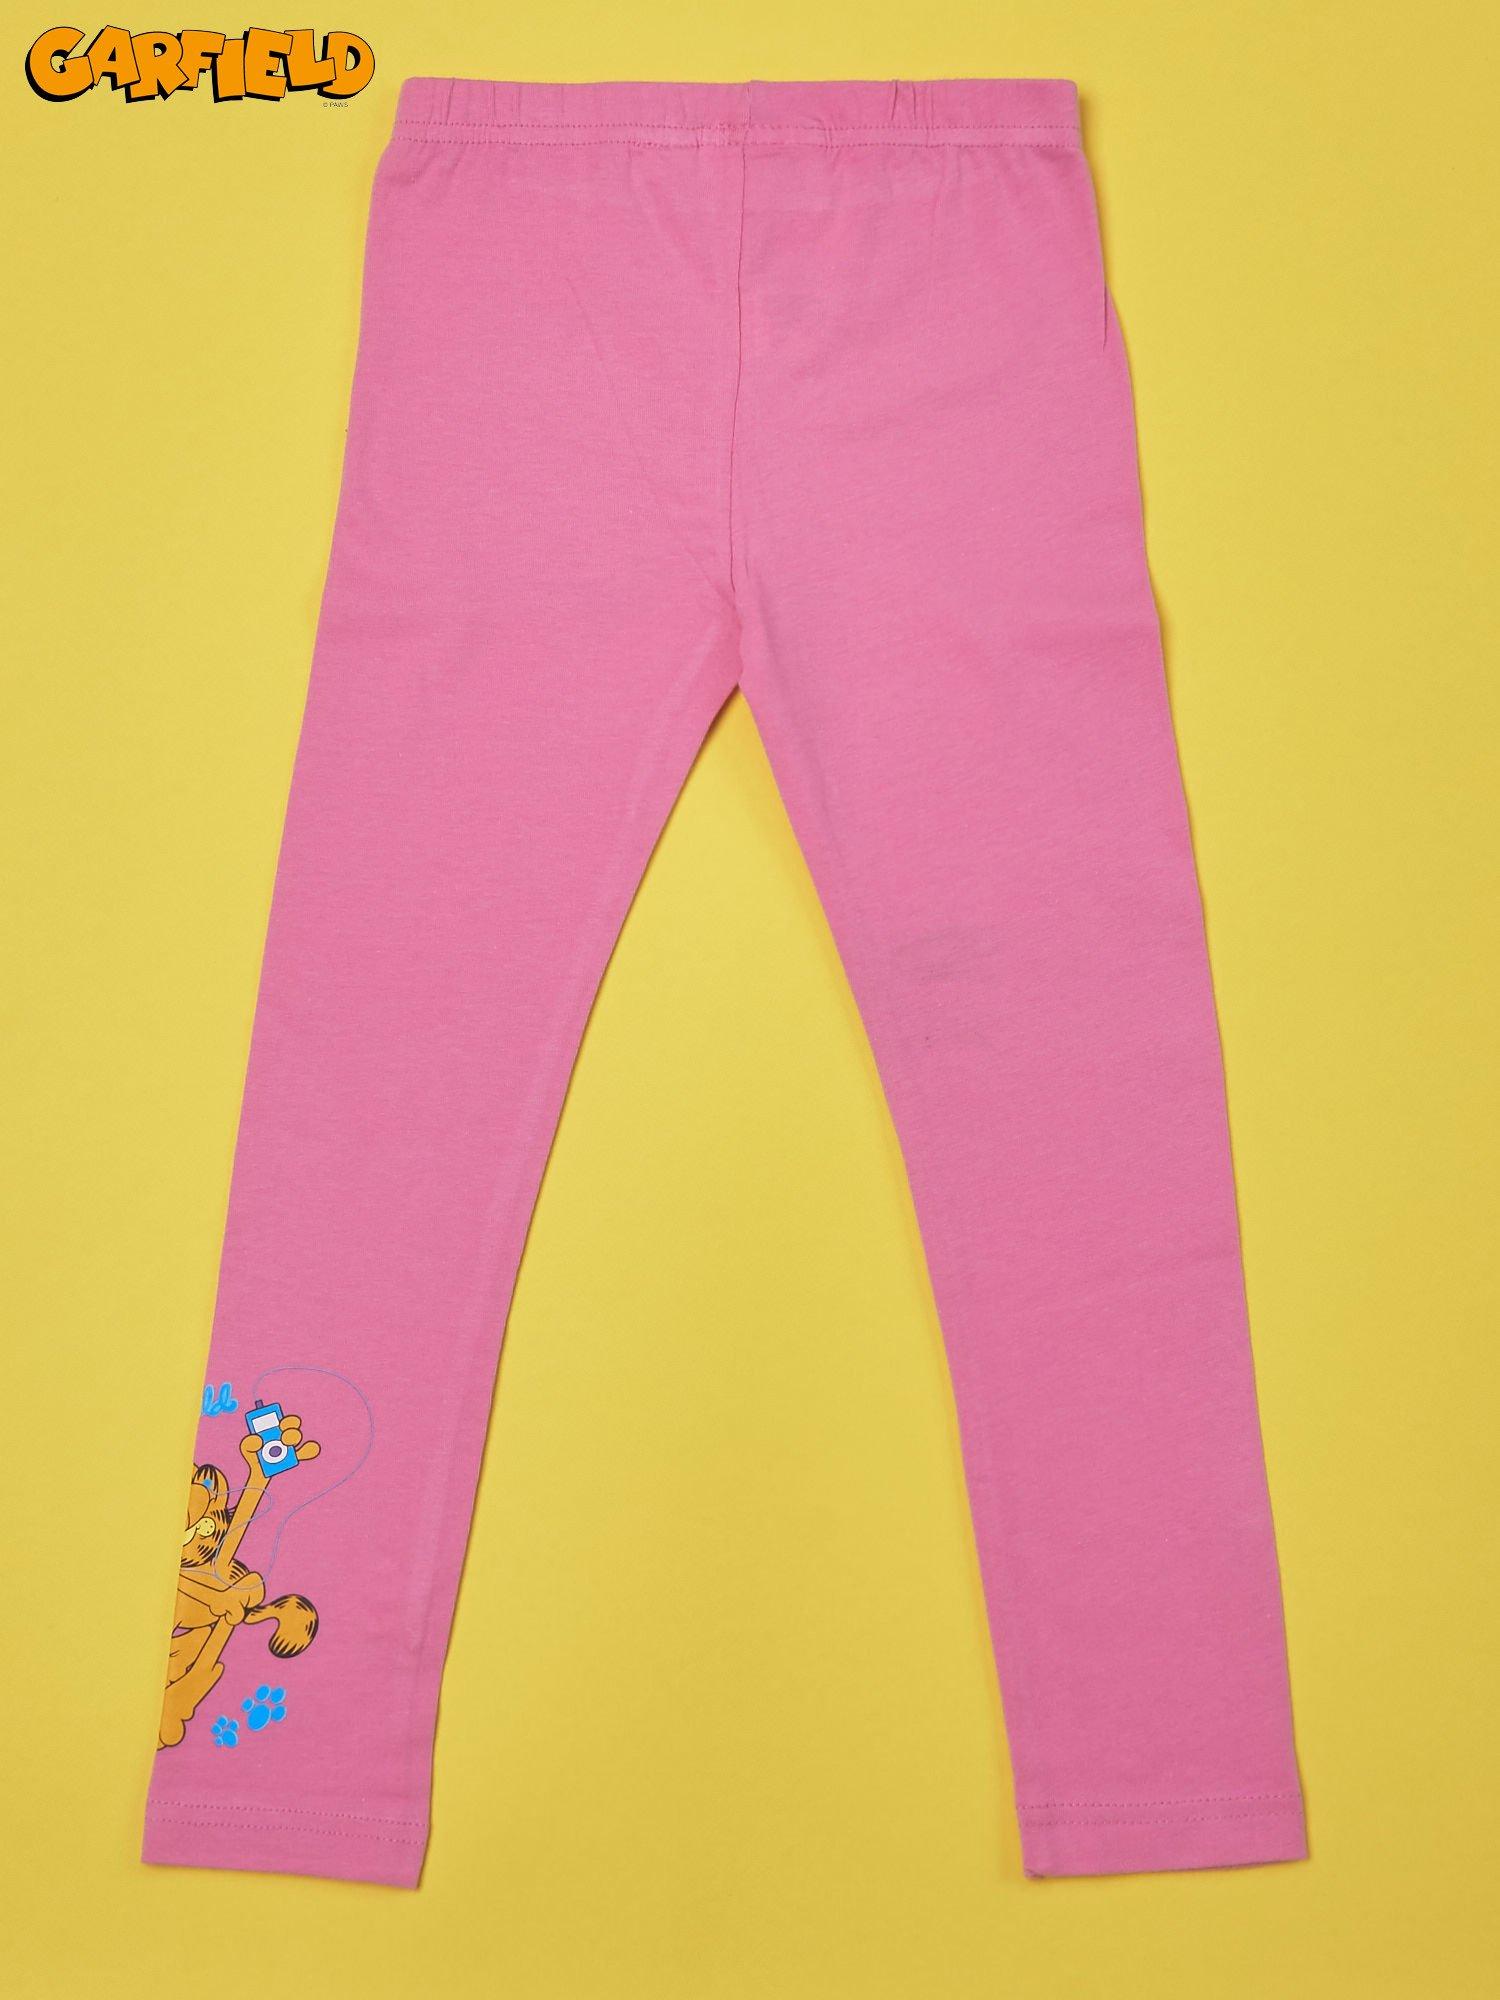 Różowe legginsy dla dziewczynki GARFIELD                                  zdj.                                  2